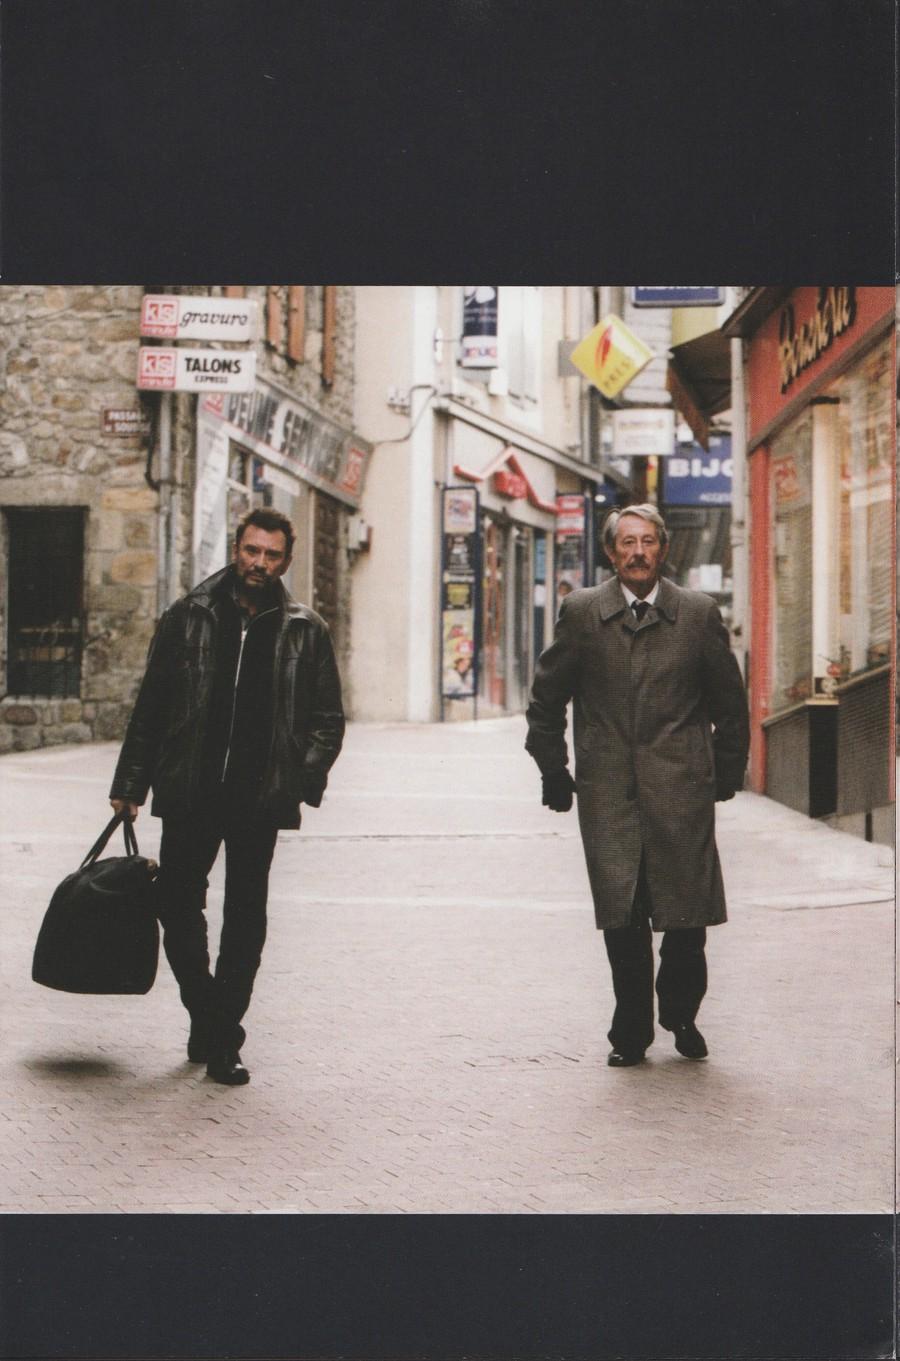 LES FILMS DE JOHNNY 'L'HOMME DU TRAIN' 2002 Img_2743